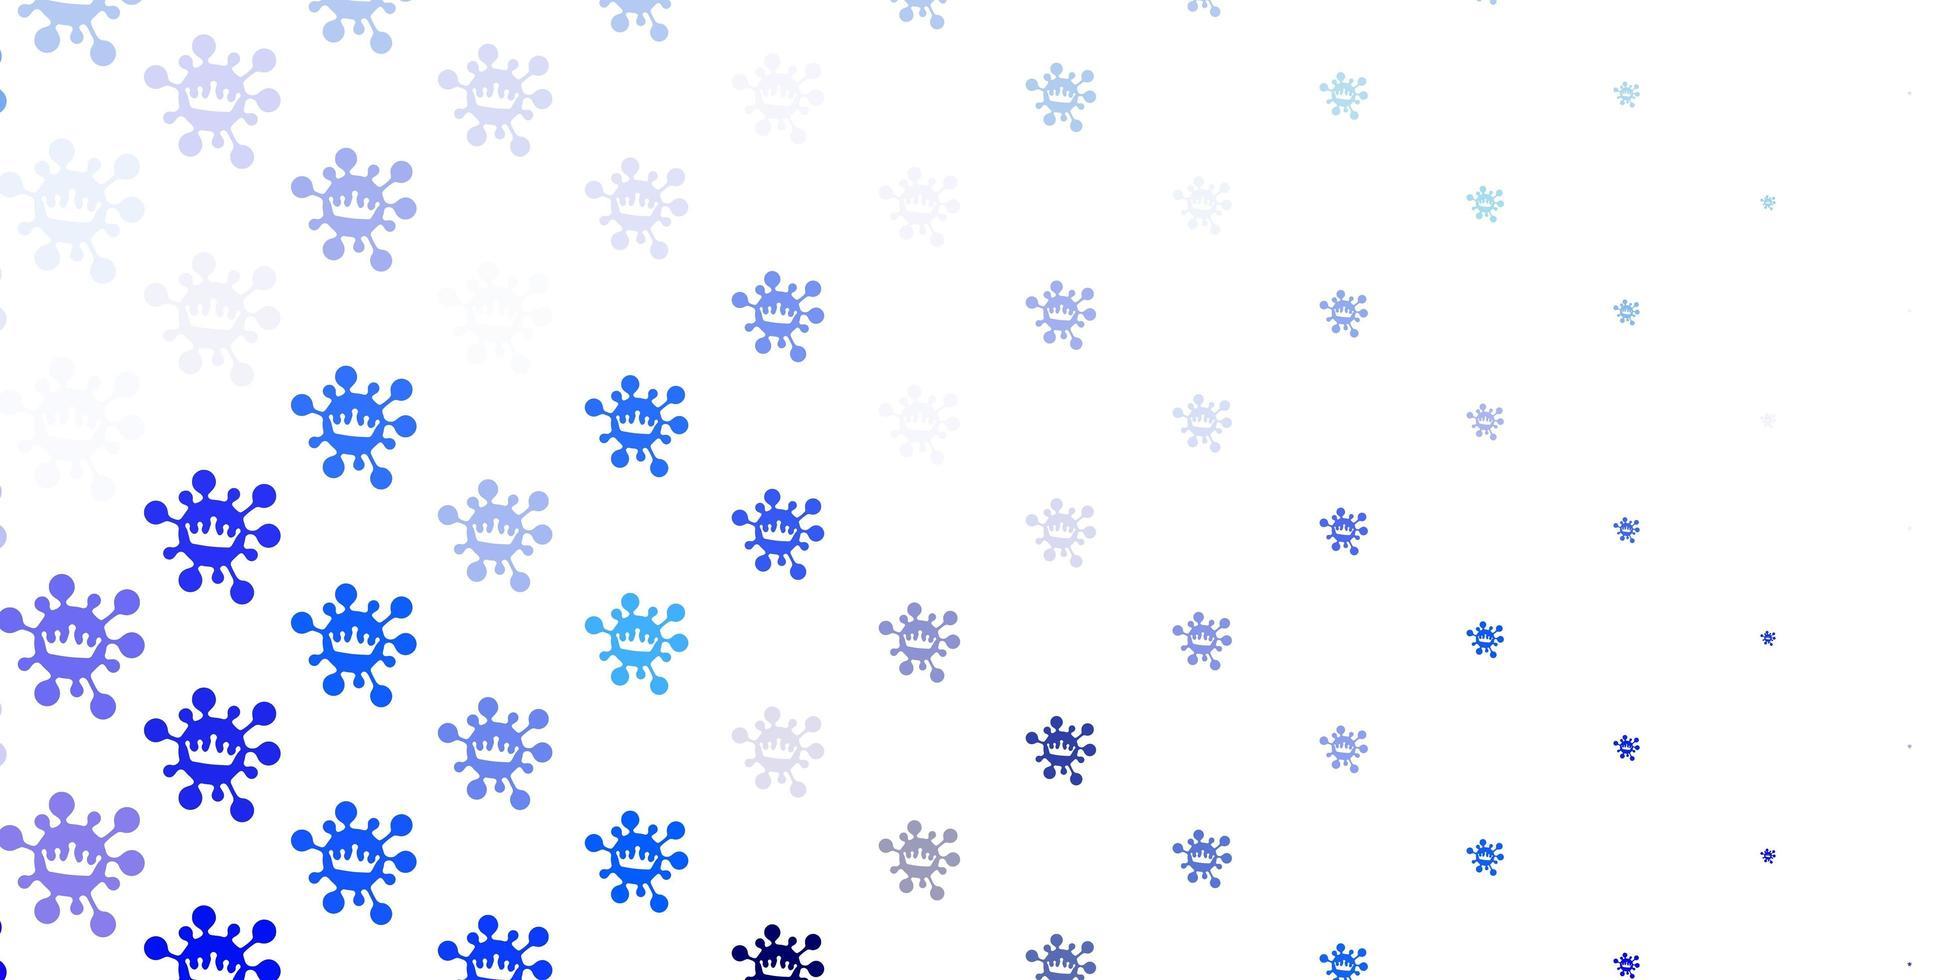 toile de fond de vecteur rose clair, bleu avec symboles de virus